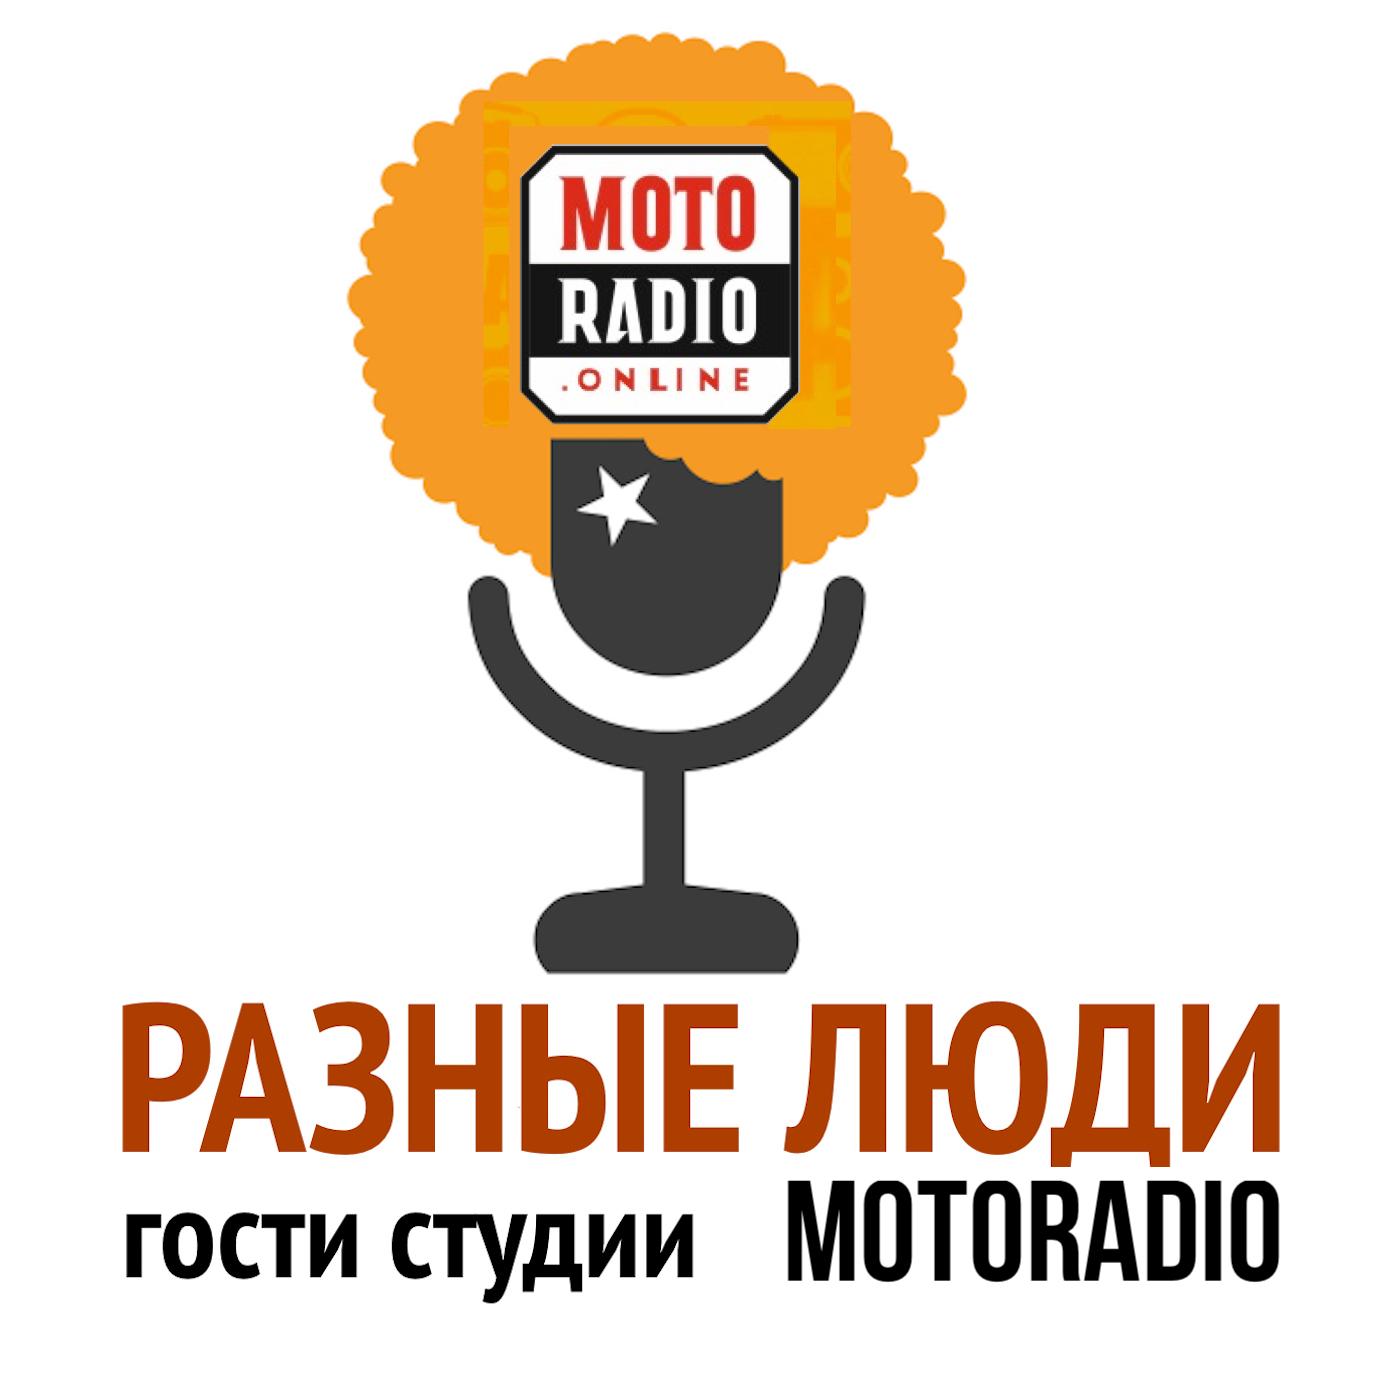 Олег Грабко о современном шоу-бизнесе, о пластинках и цифровой музыке и многом другом.